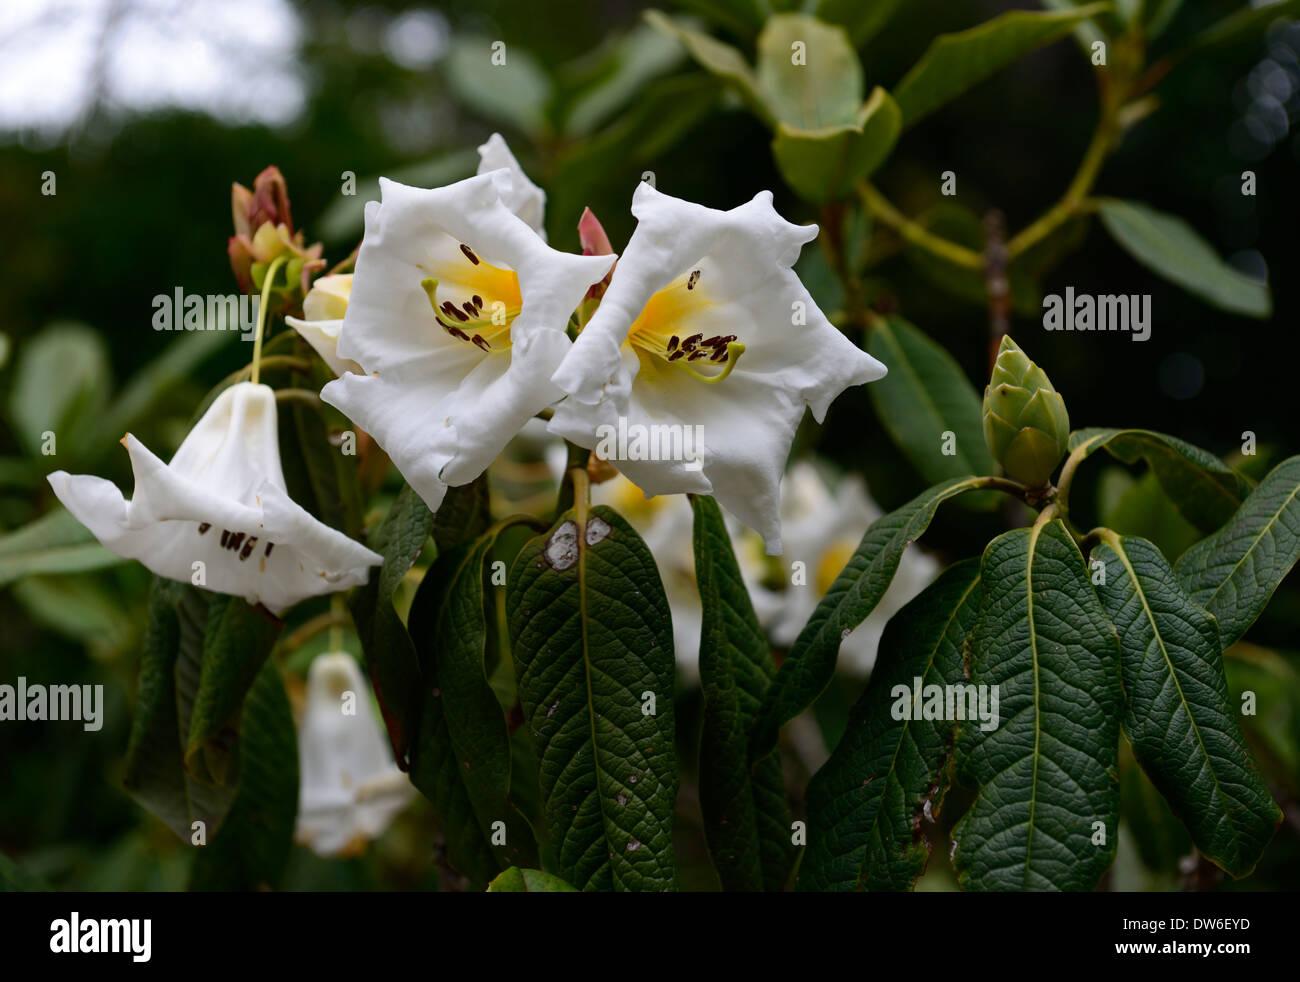 Rhododendron mi amor flores blancas flores amarillas flores garganta perenne follaje de hojas verdes árboles árbol Imagen De Stock